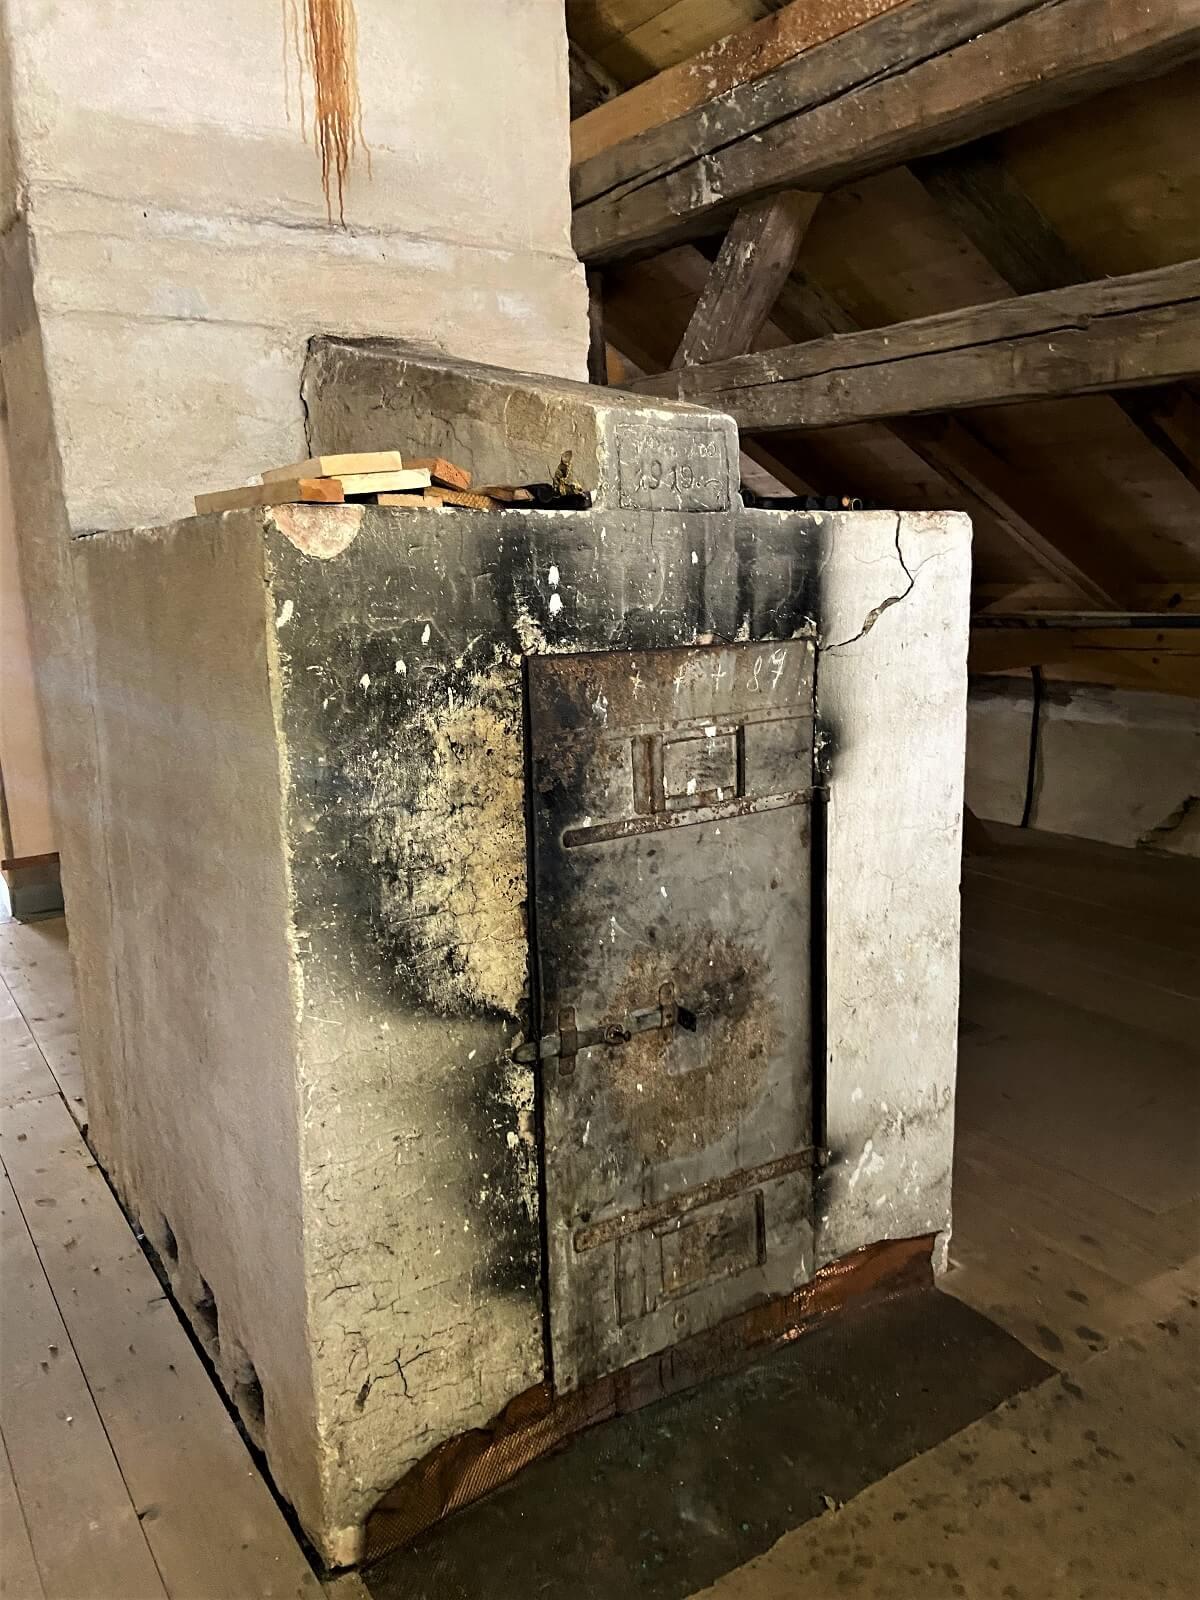 raeucherkammer im dachgeschoss vom pfarrhaus kemnathen